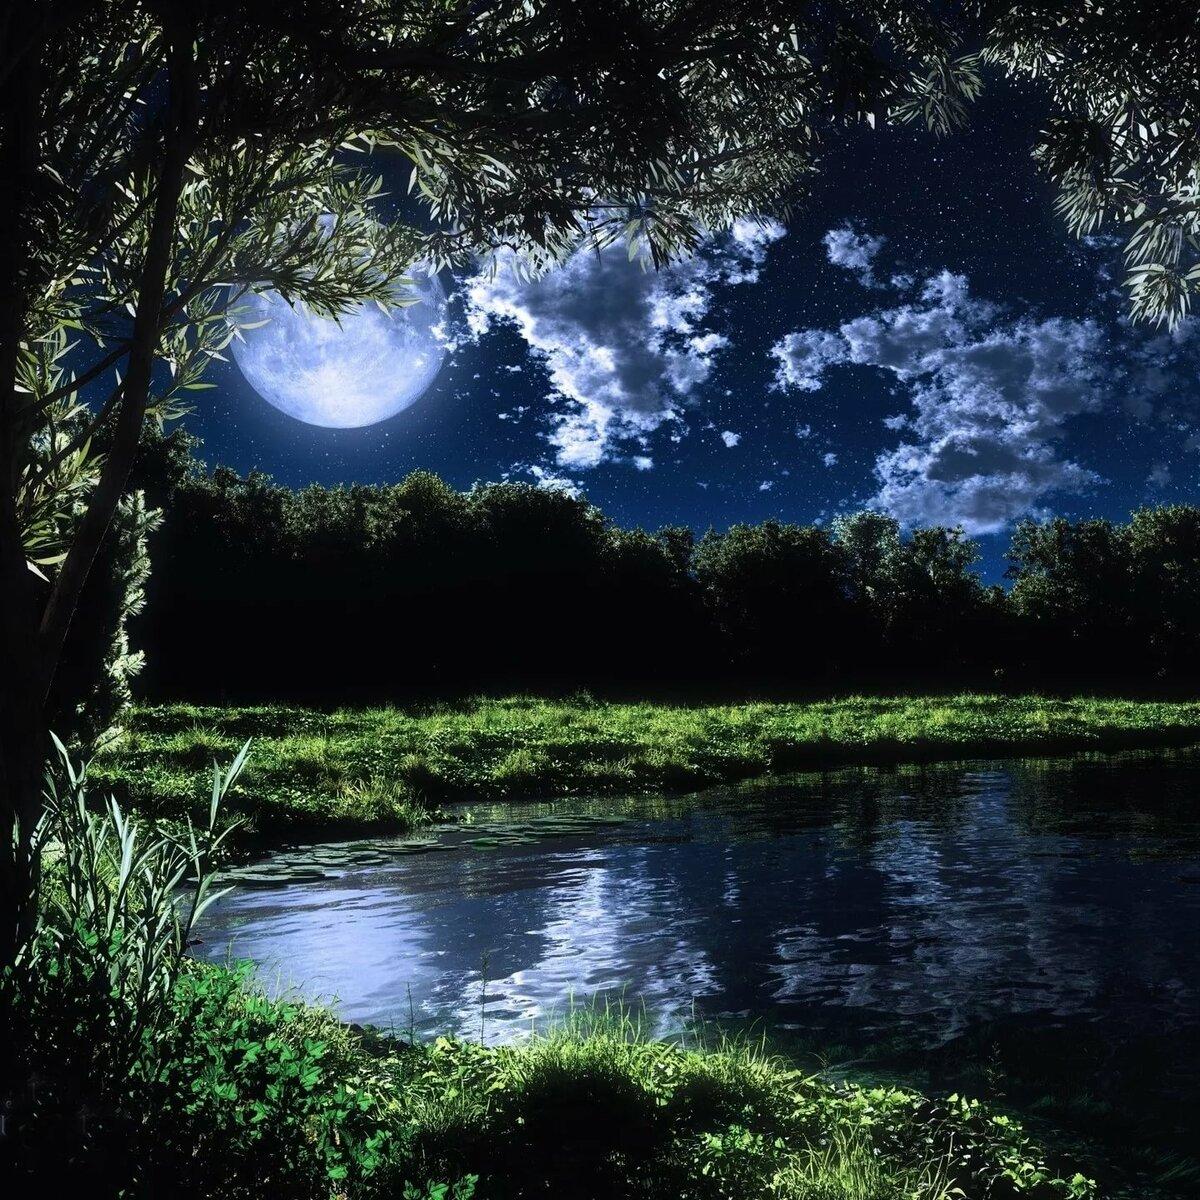 картинки лесное озеро ночью деньги дарили чистом